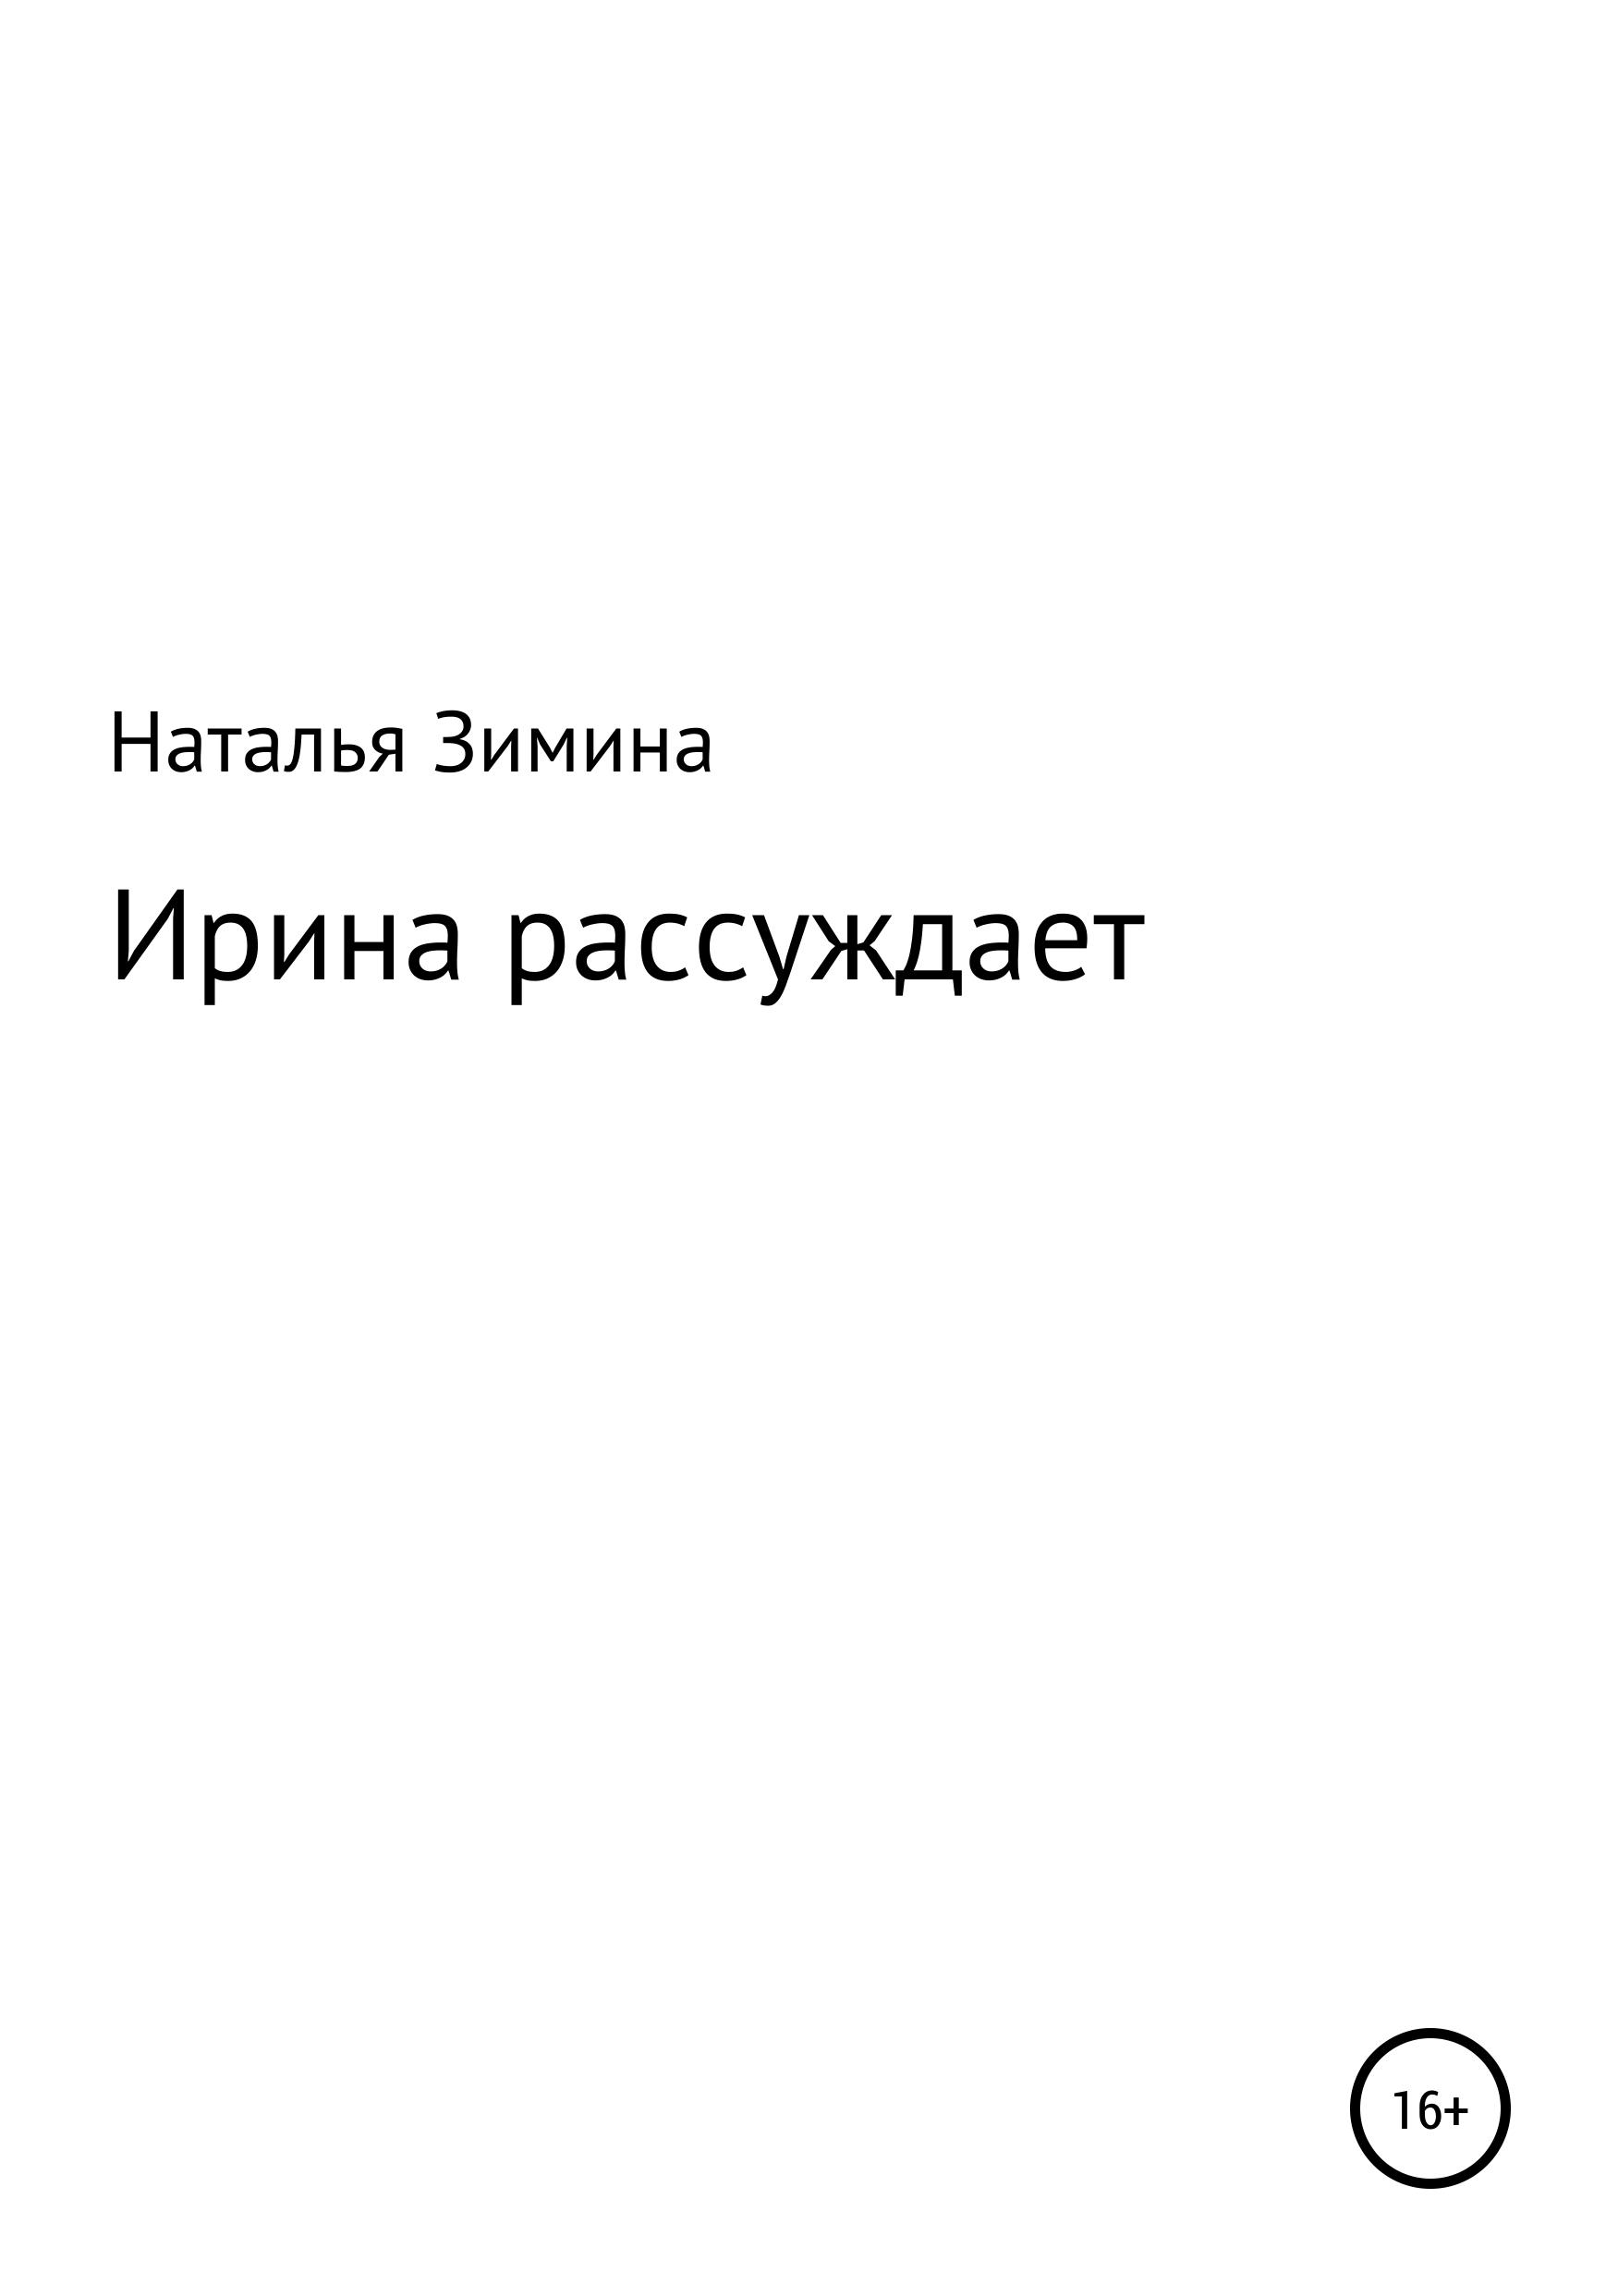 Наталья Андреевна Зимина Ирина рассуждает